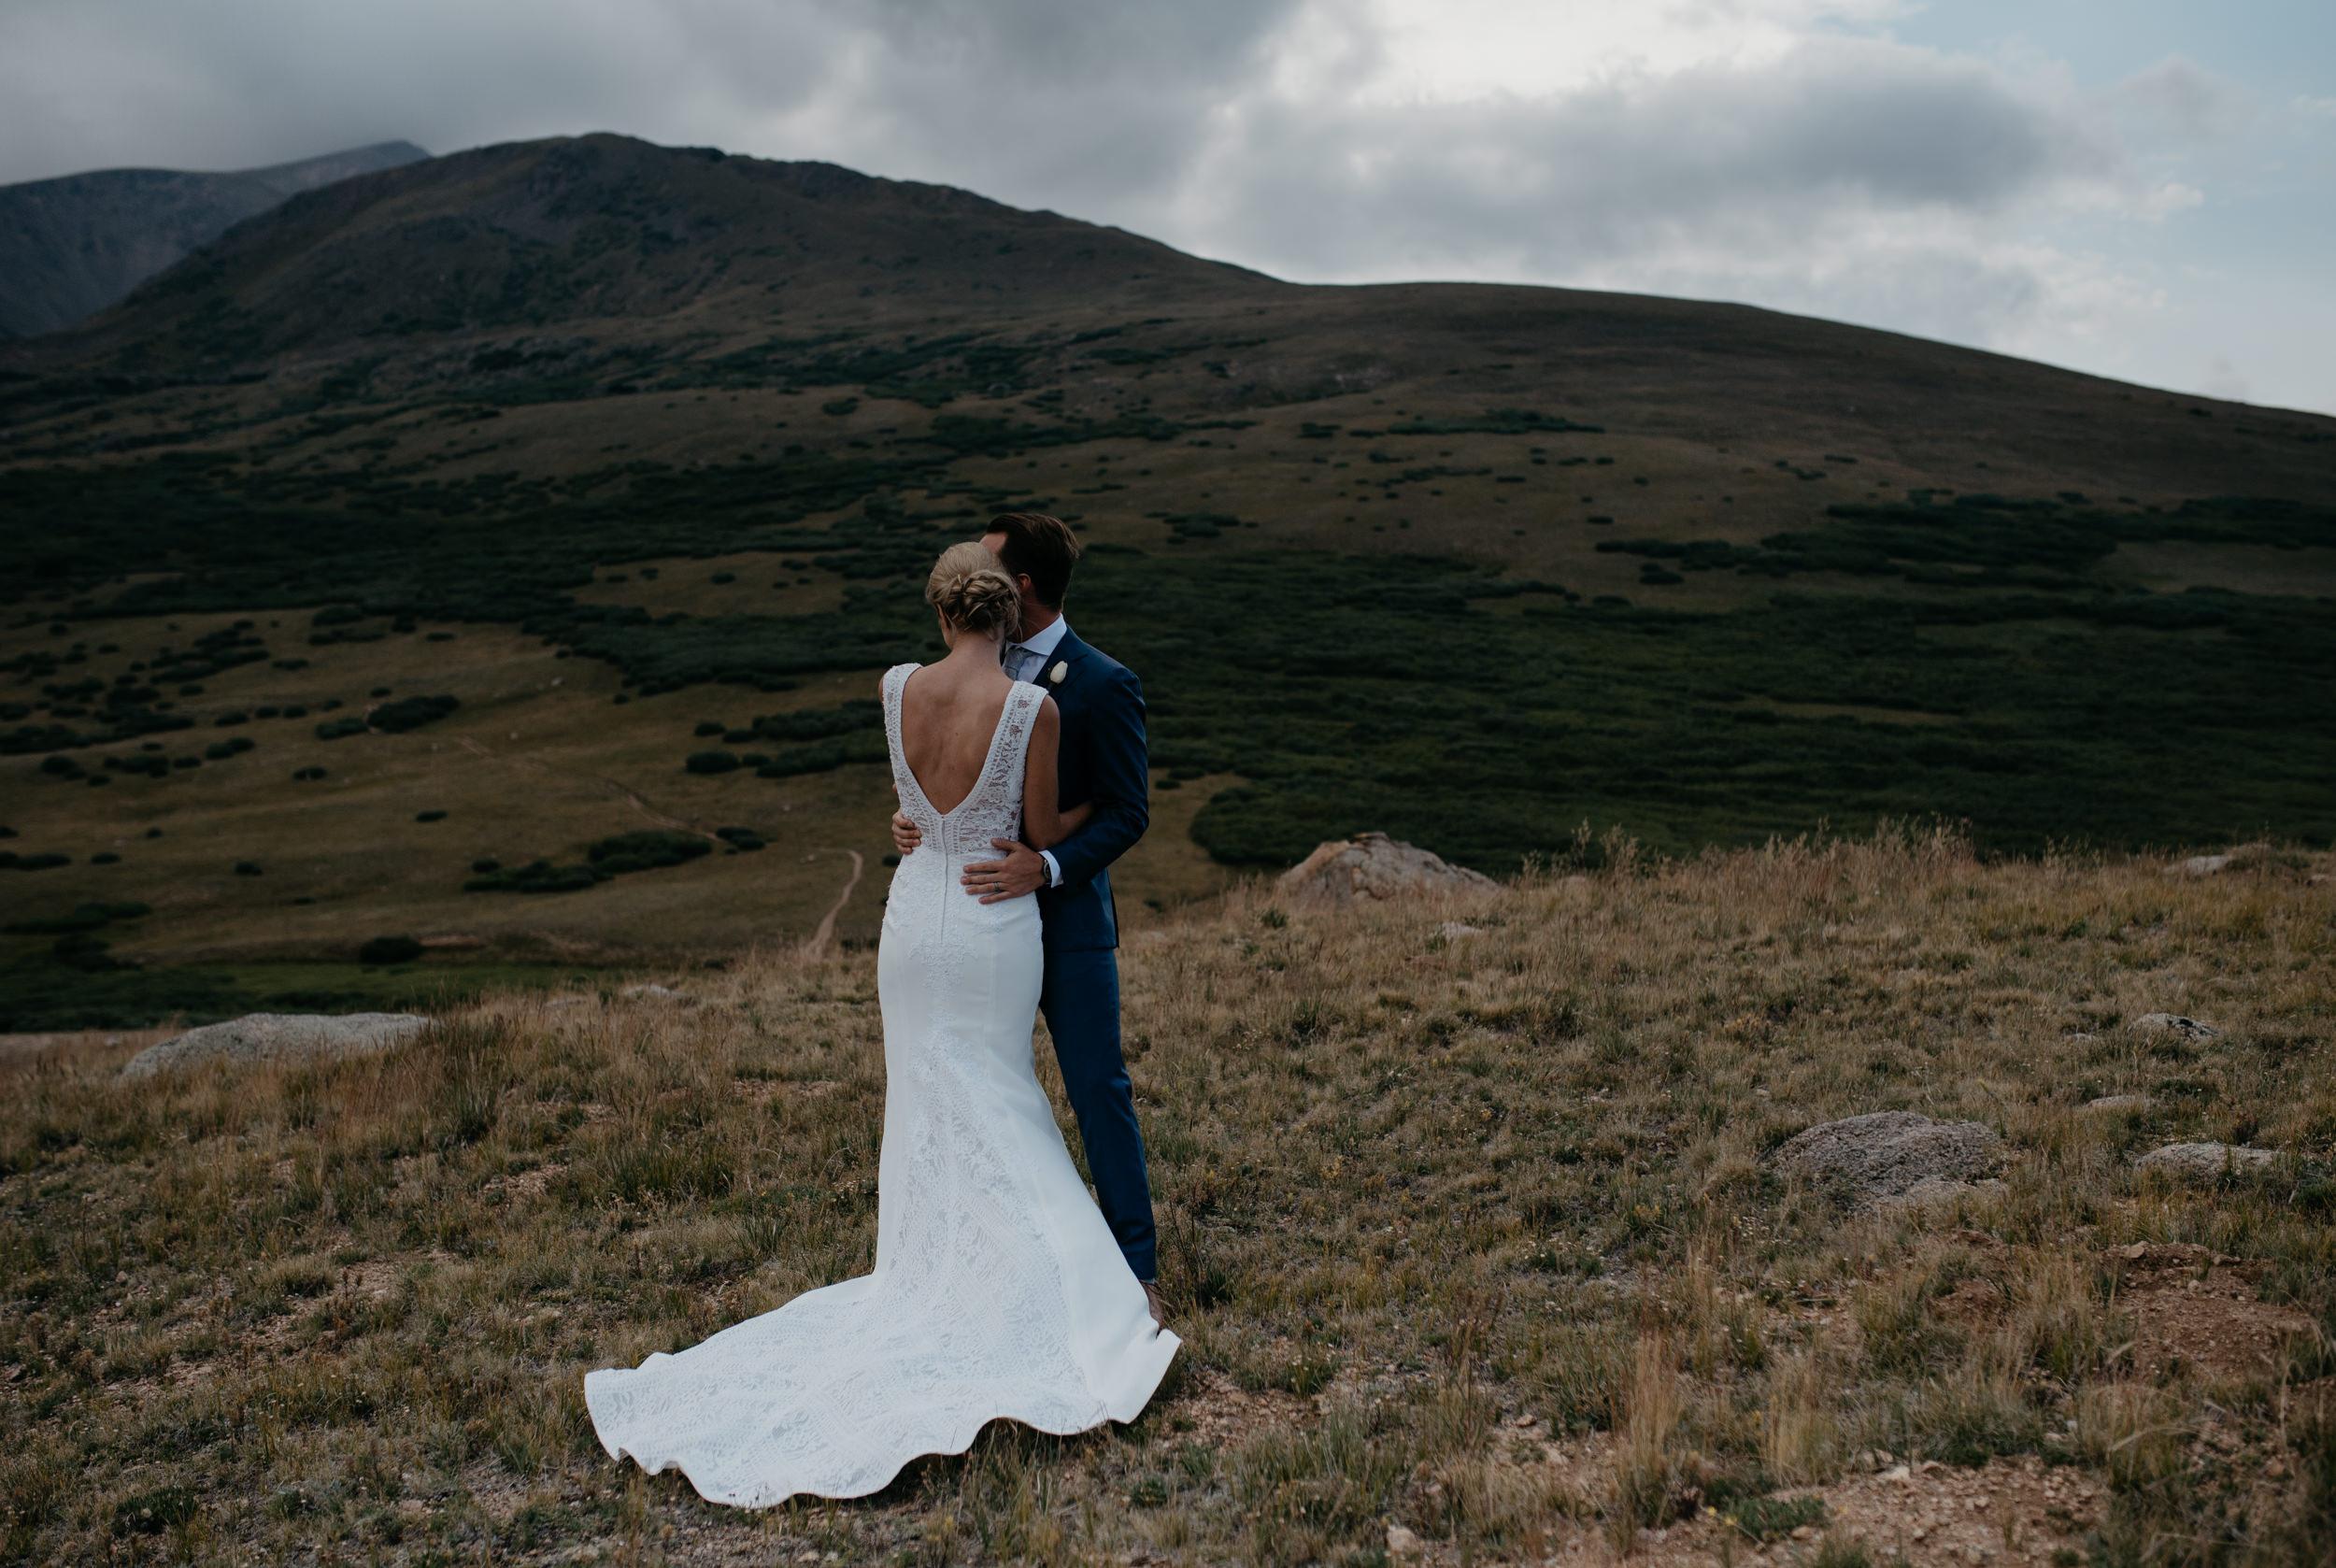 Colorado mountain wedding photographer for Breckenridge, Vail, and Estes Park